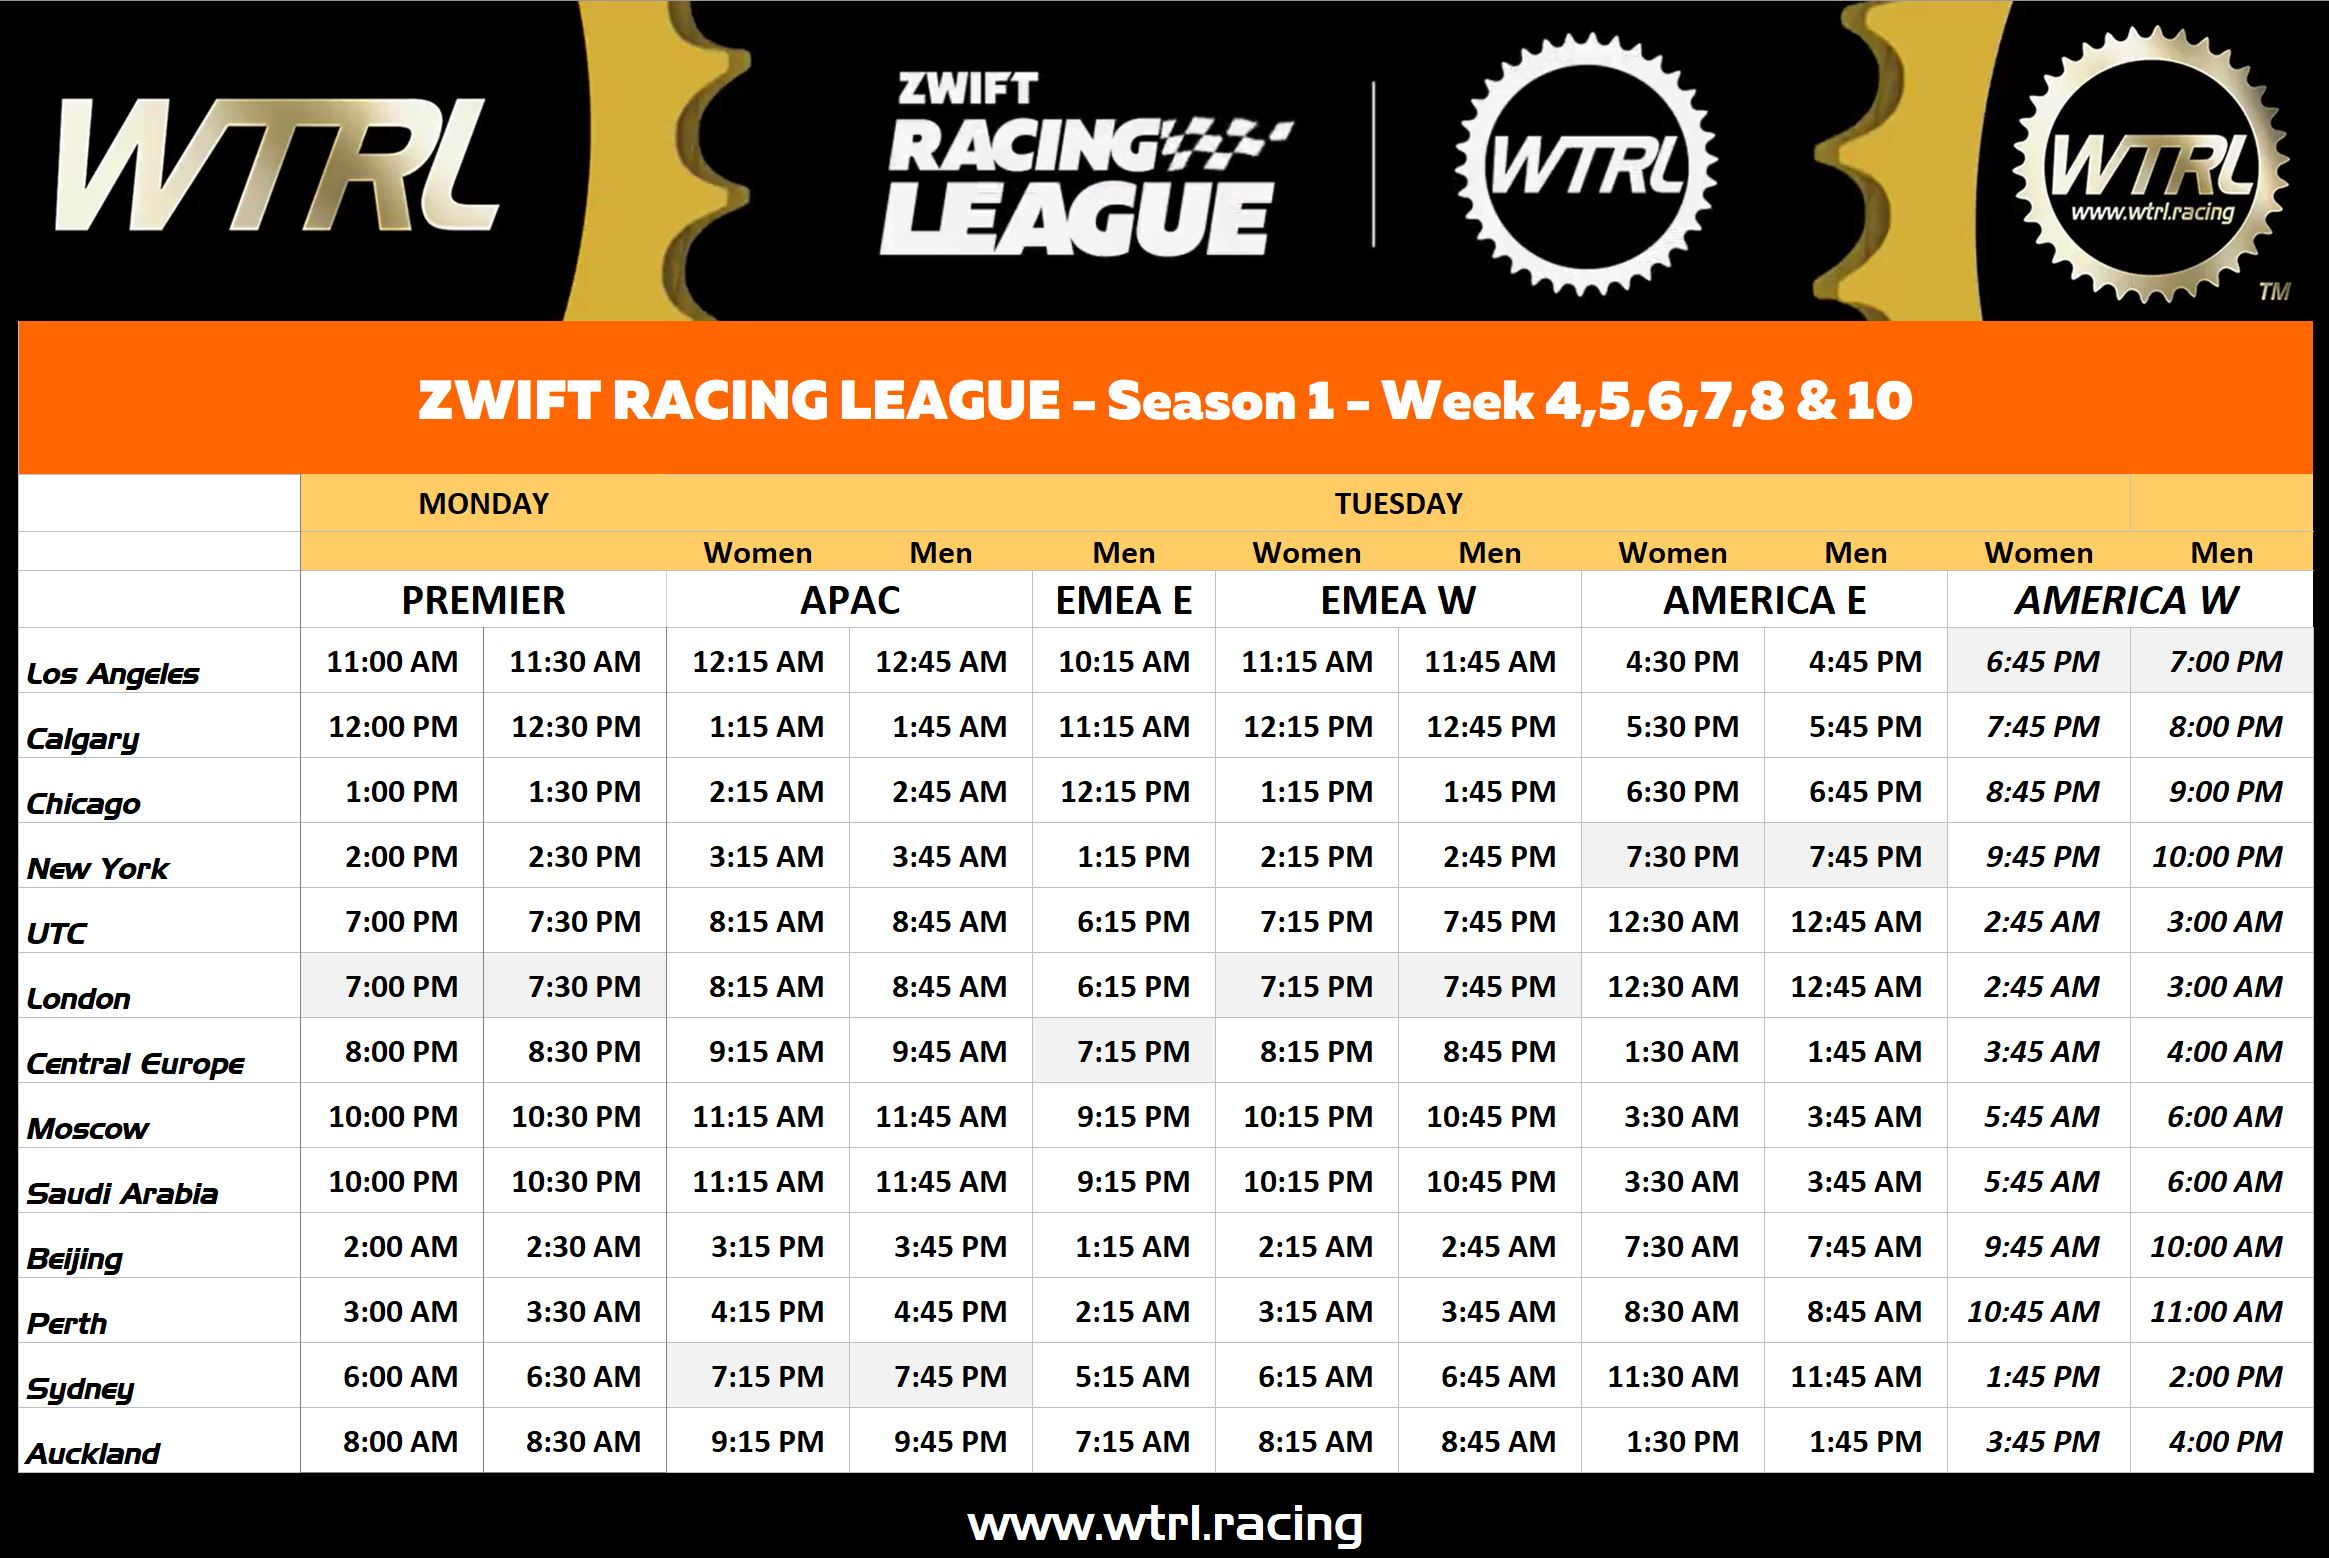 Zwift Racing League - Race Times